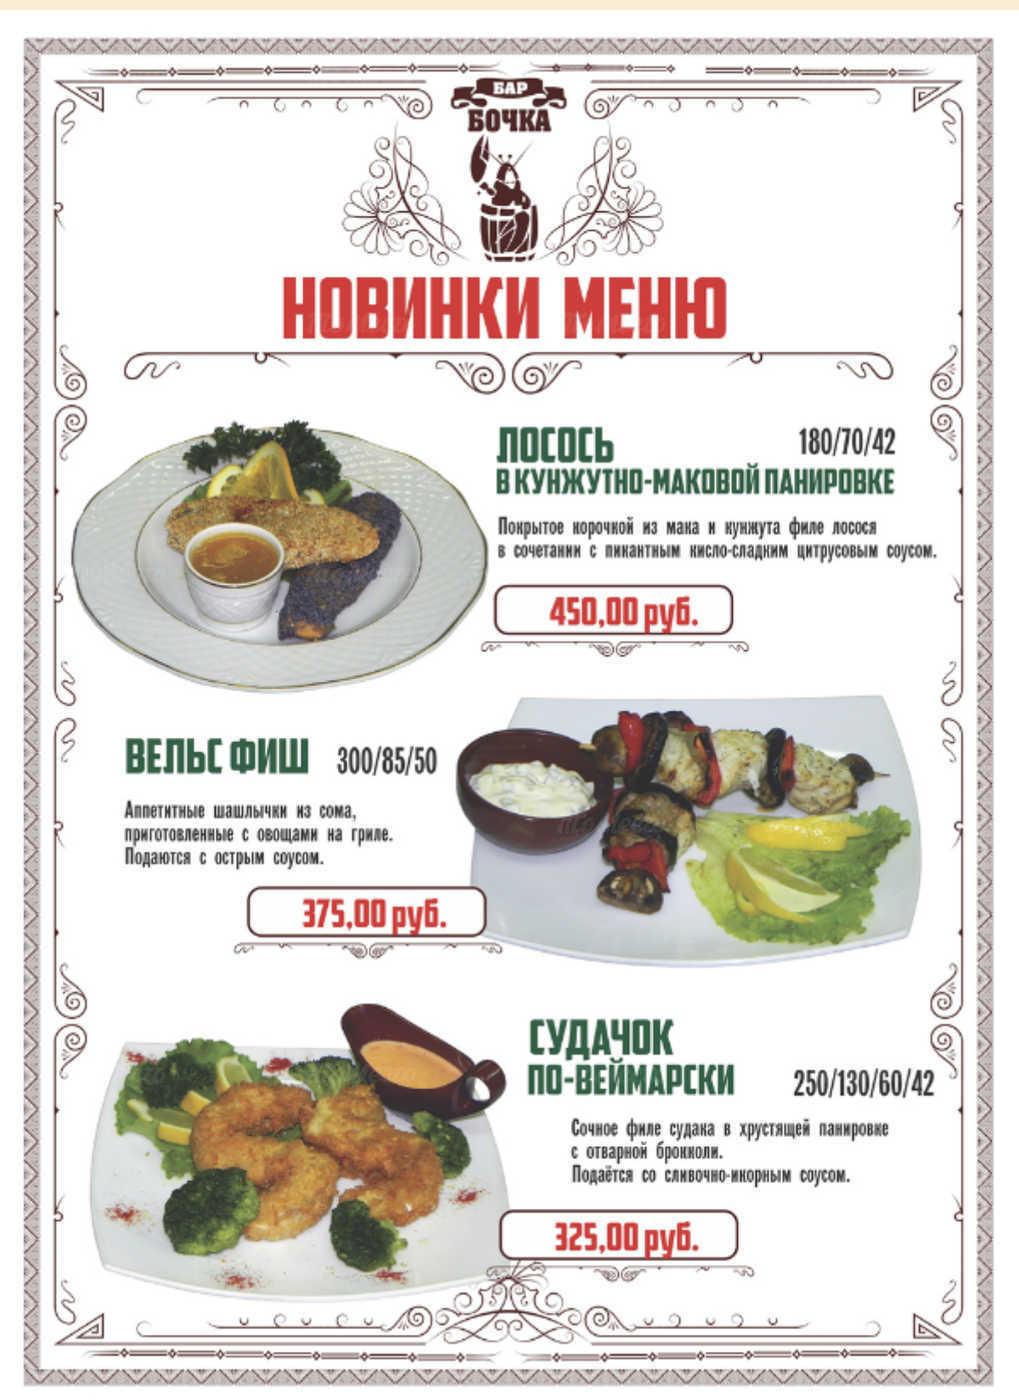 Меню бара, пивного ресторана Бочка на Советской улице